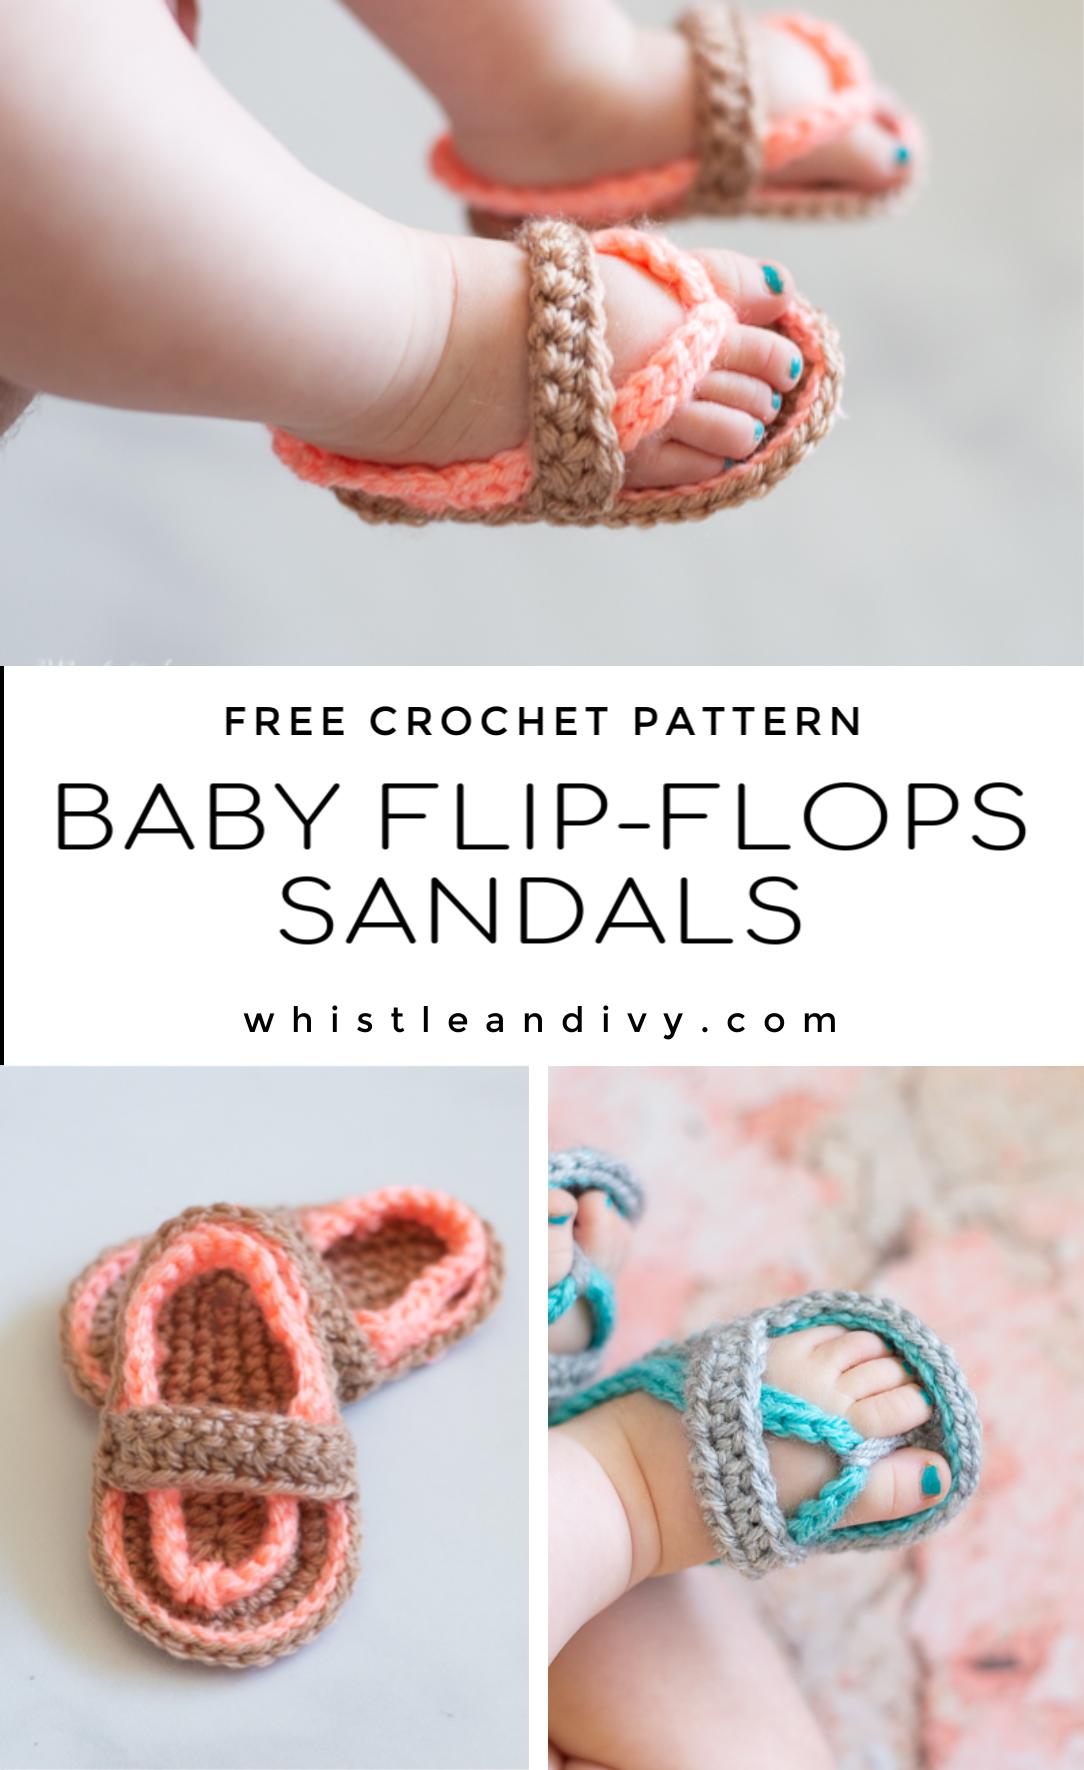 Crochet Baby Flip Flops Sandals - Free